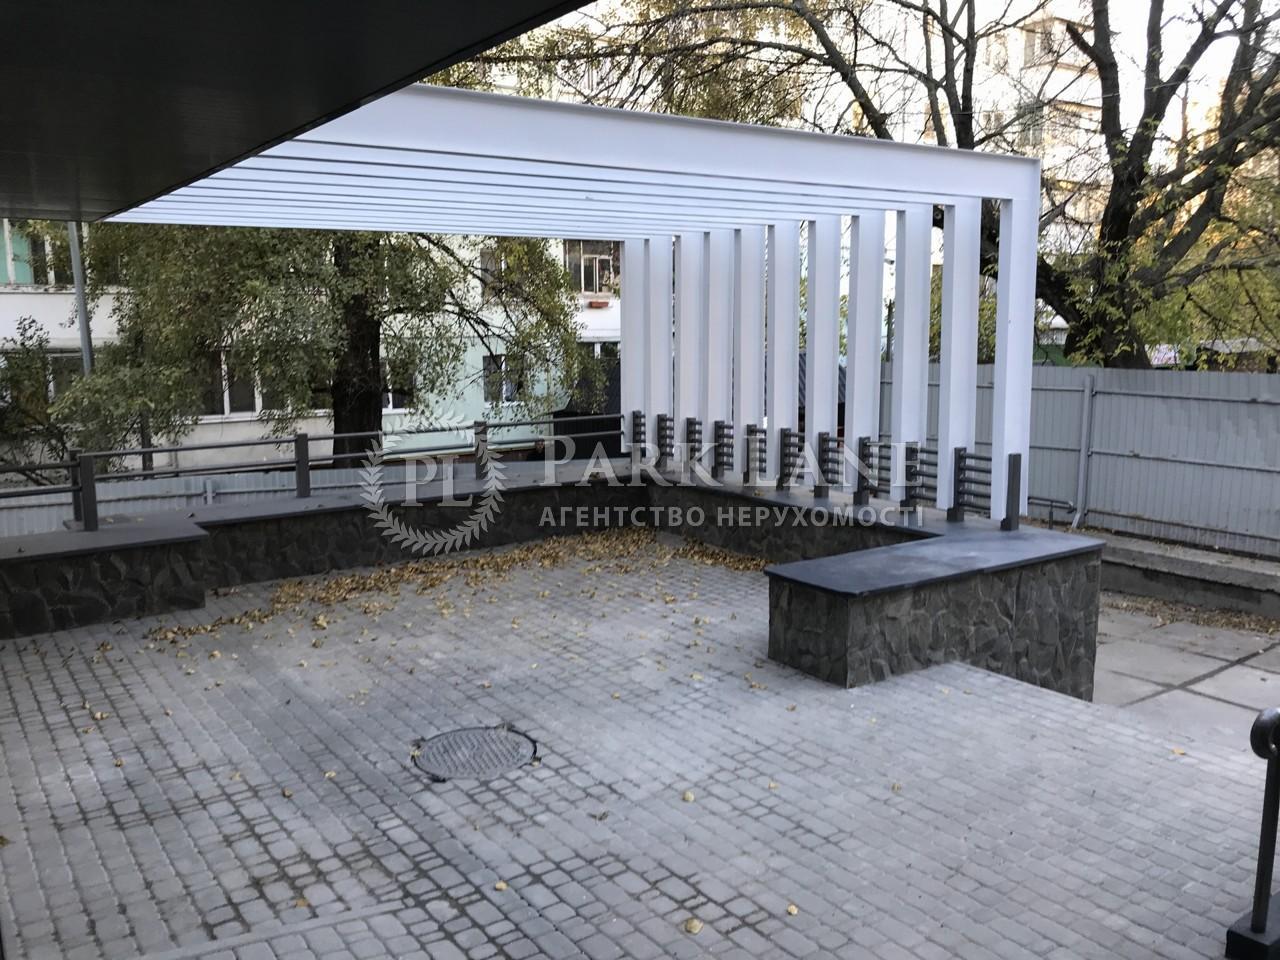 Нежилое помещение, ул. Вербицкого Архитектора, Киев, J-29841 - Фото 26